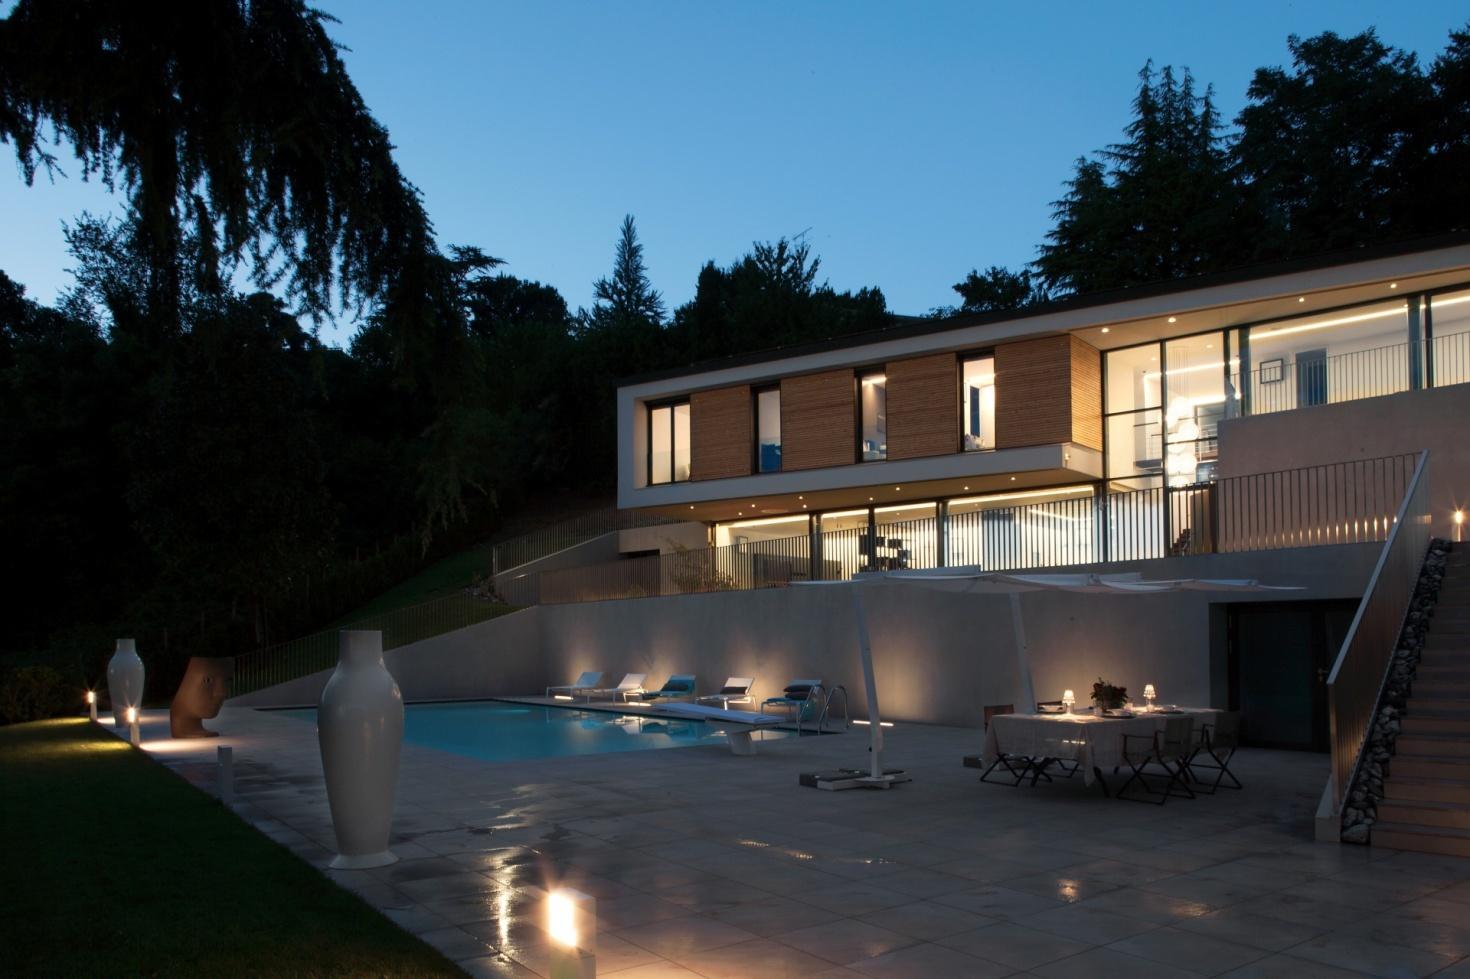 ad-arredo-dal-pozzo-progetto-arredo-ombrelloni-design-per-la-villa-con-piscina-in-stile-moderno.jpg